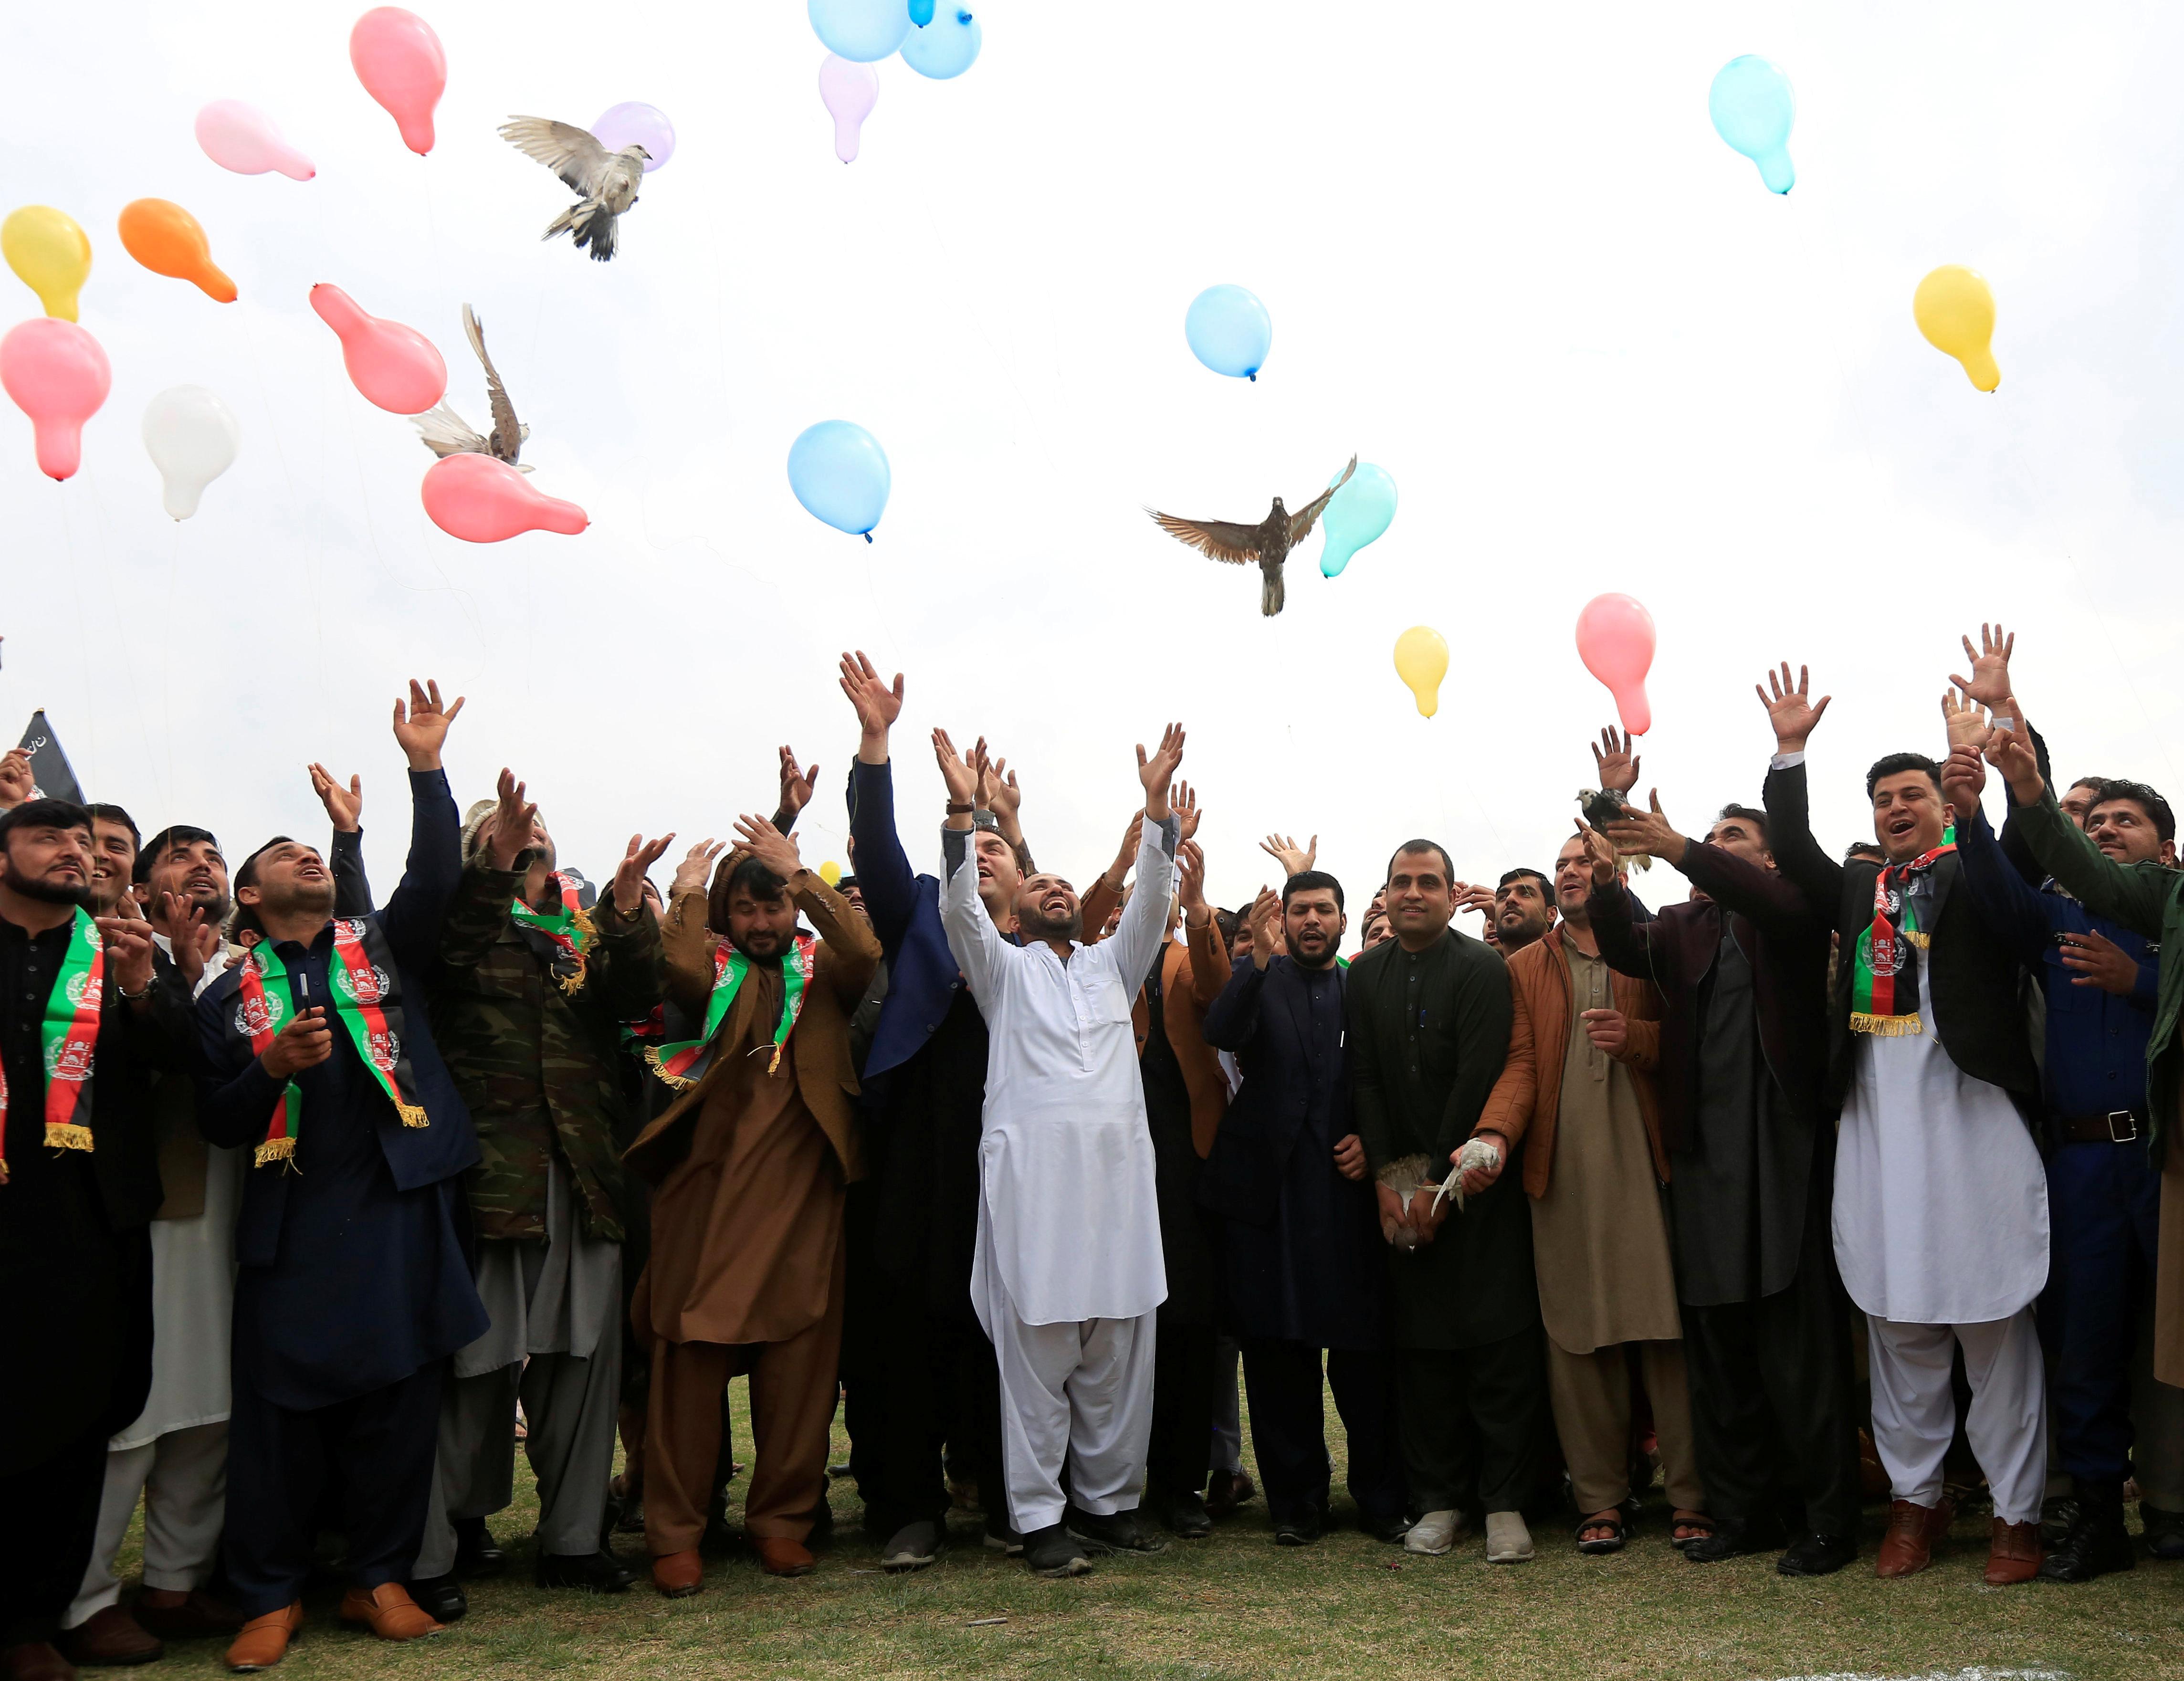 Les Afghans espèrent la paix alors que les États-Unis-Taliban se préparent à un accord de retrait des troupes